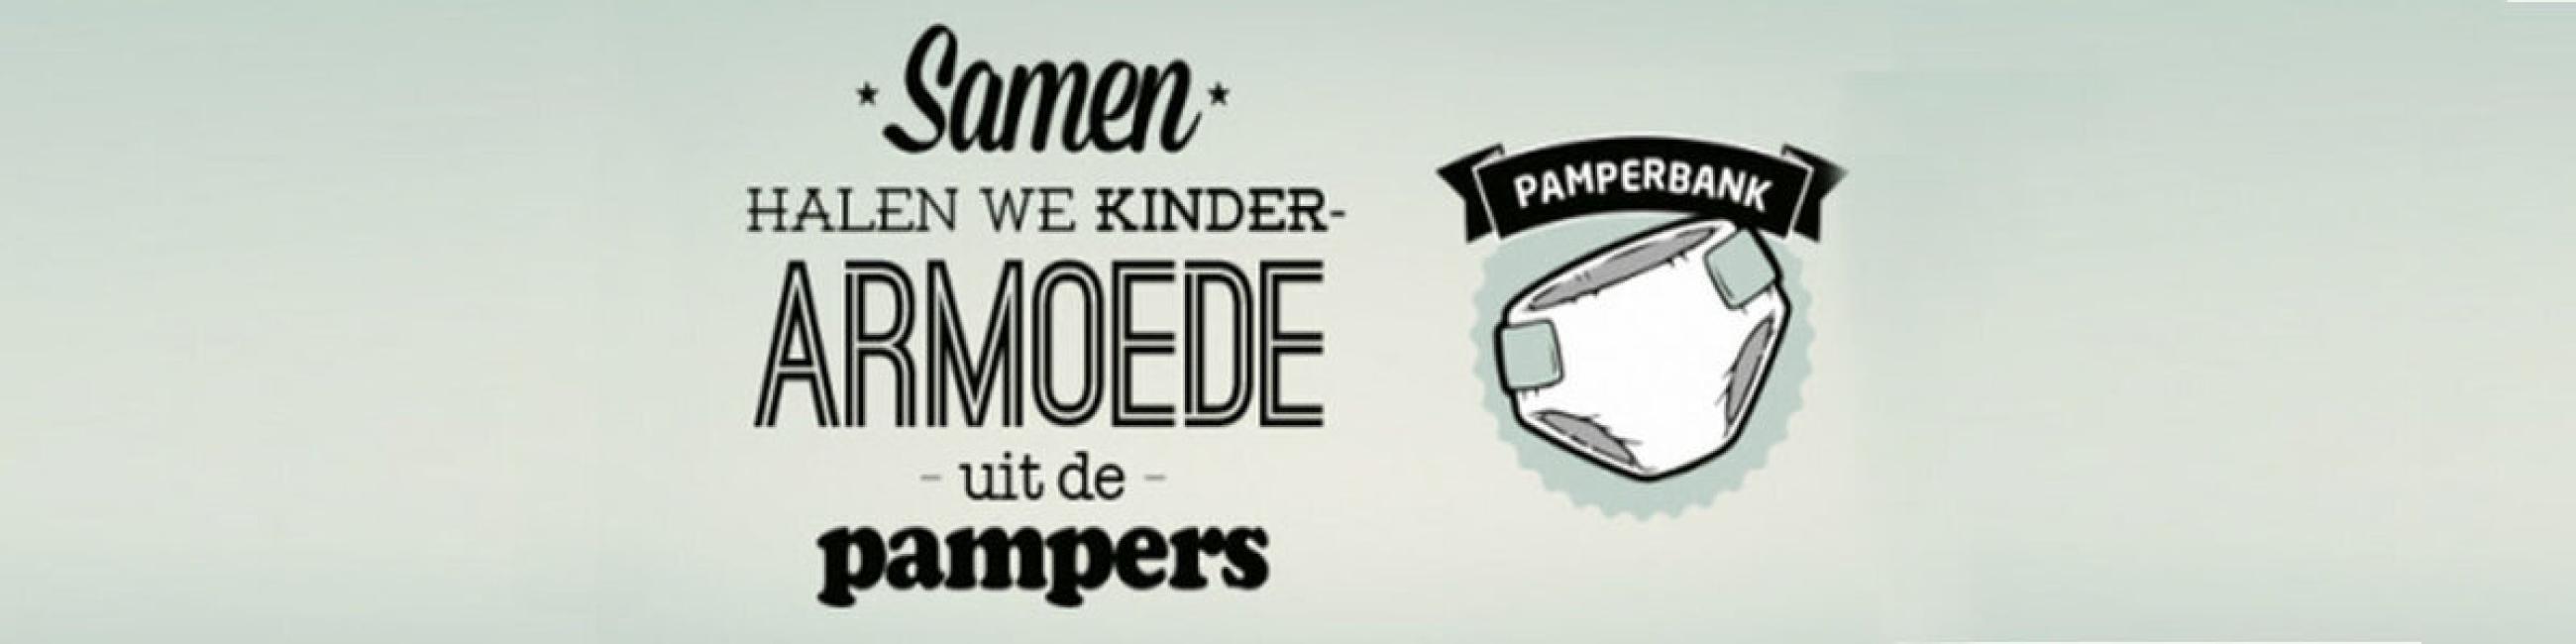 Pamperbank